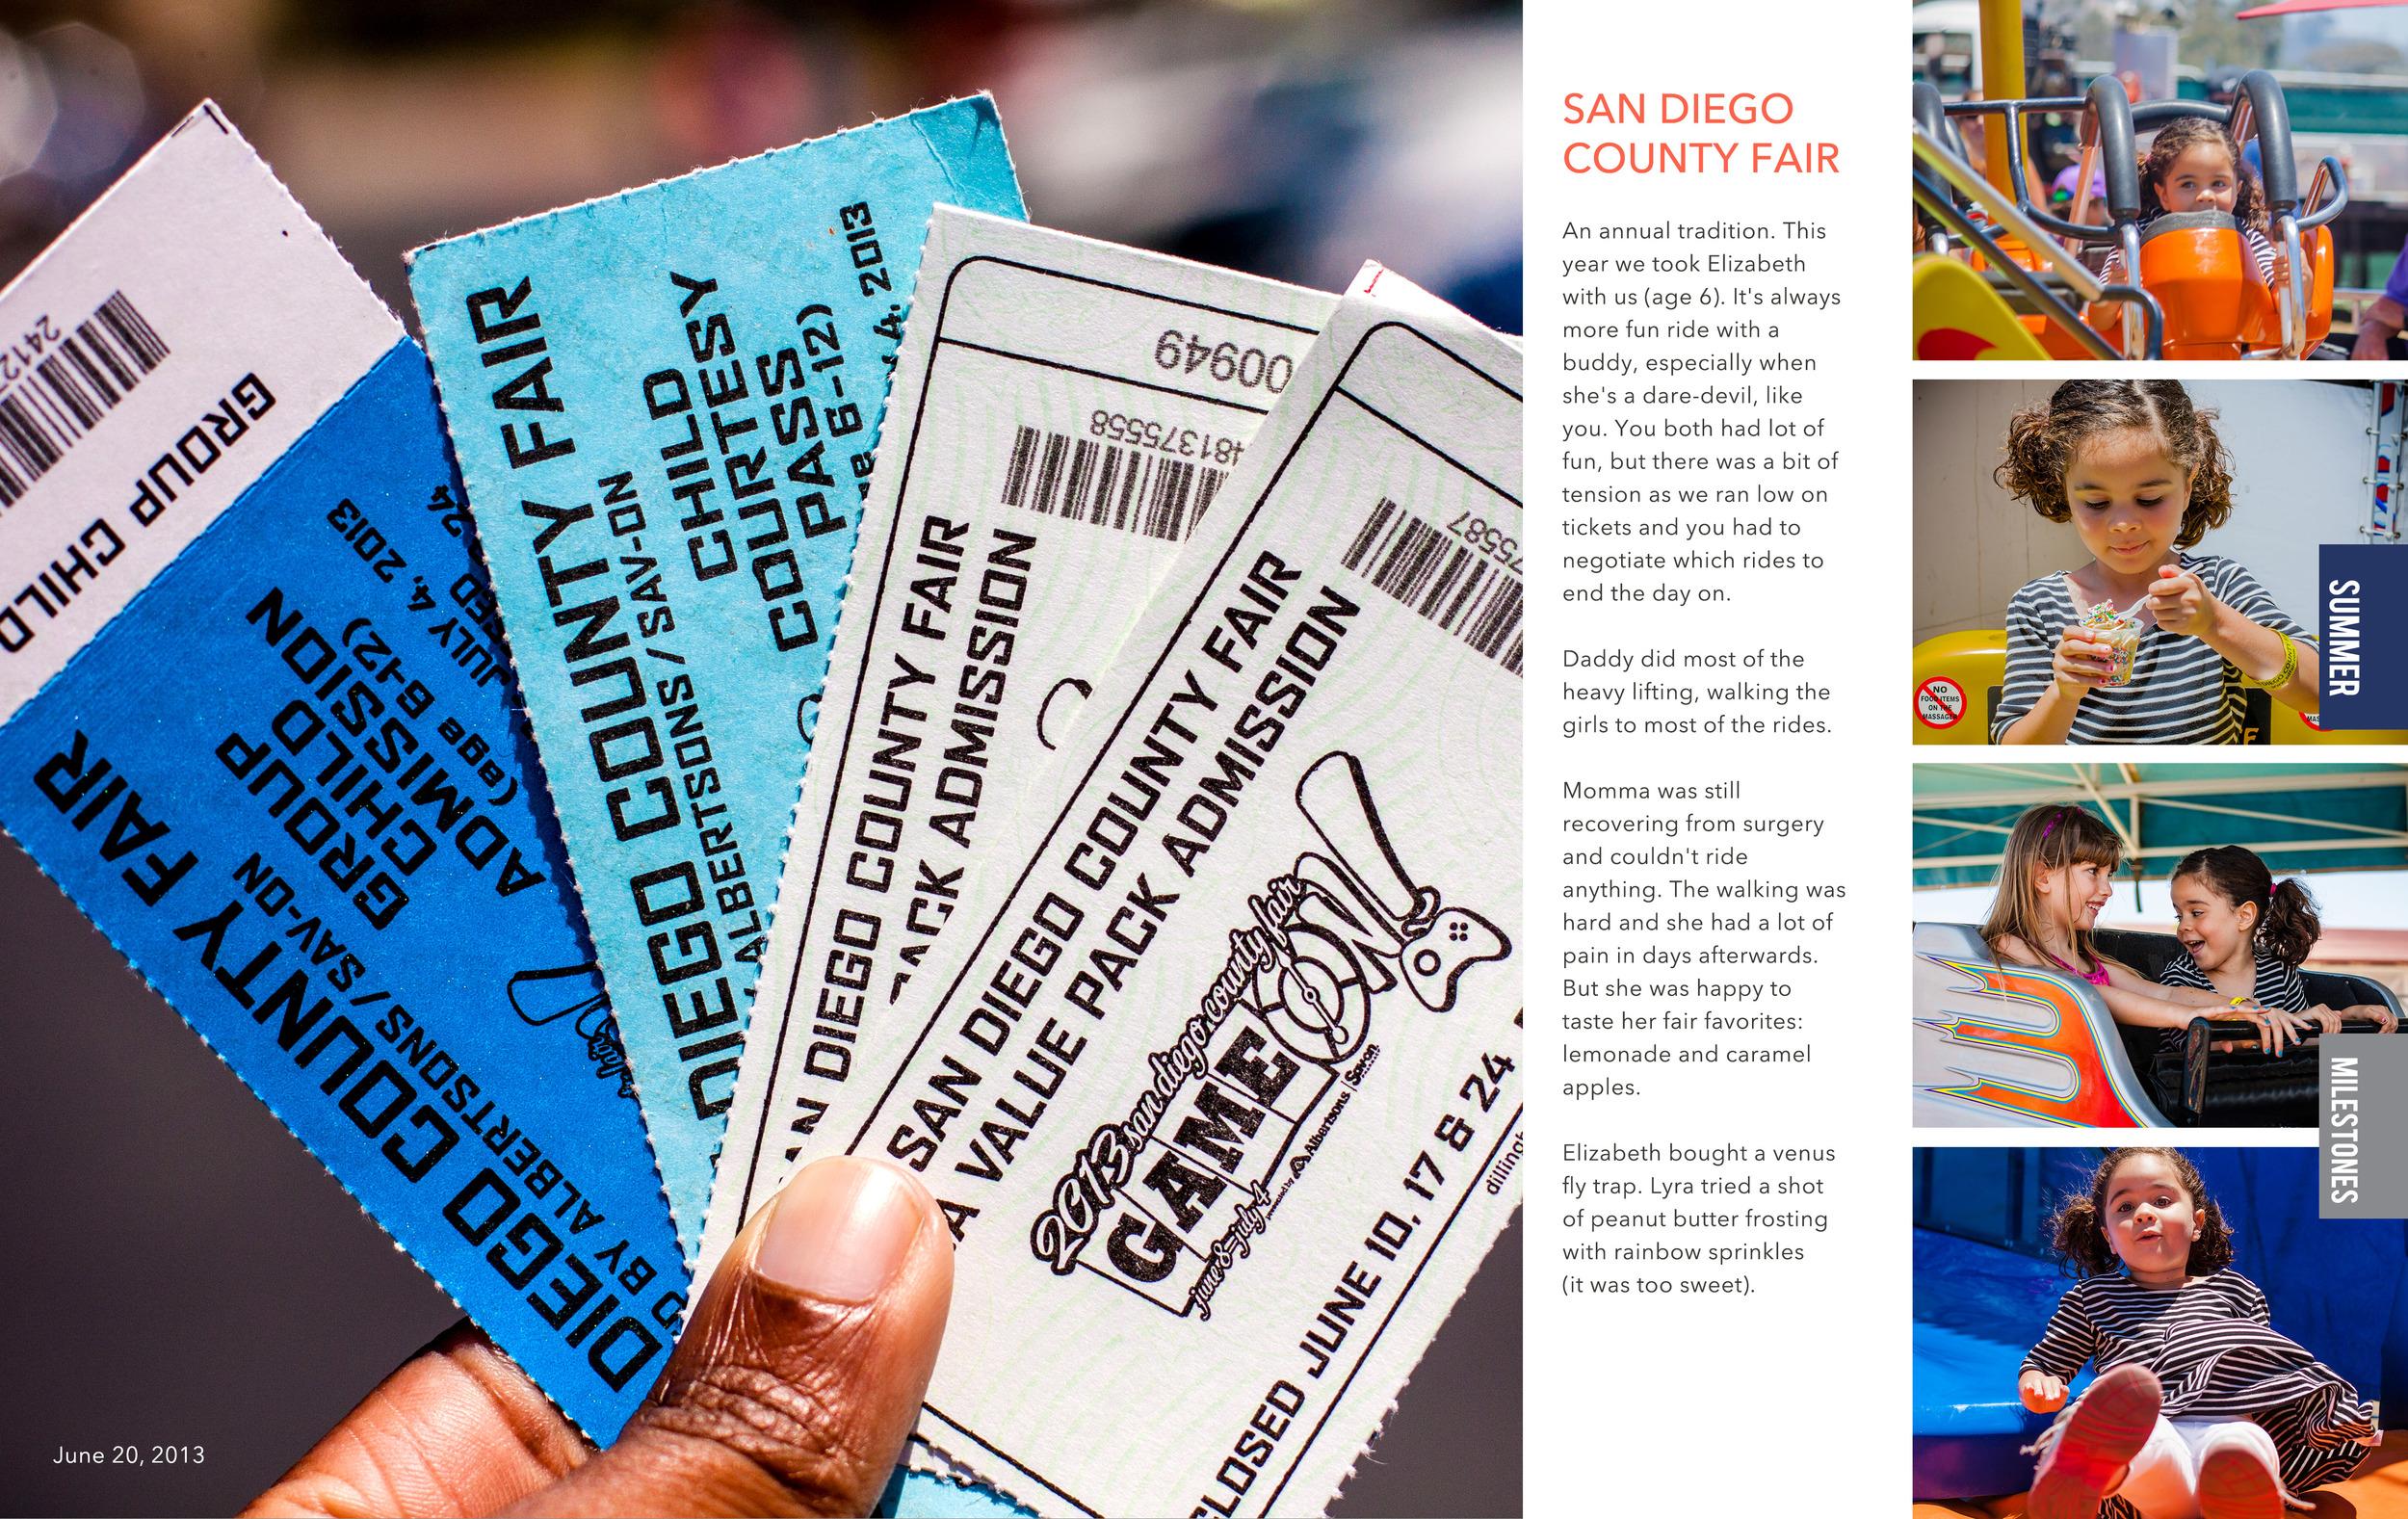 San Diego County Fair photobook layout